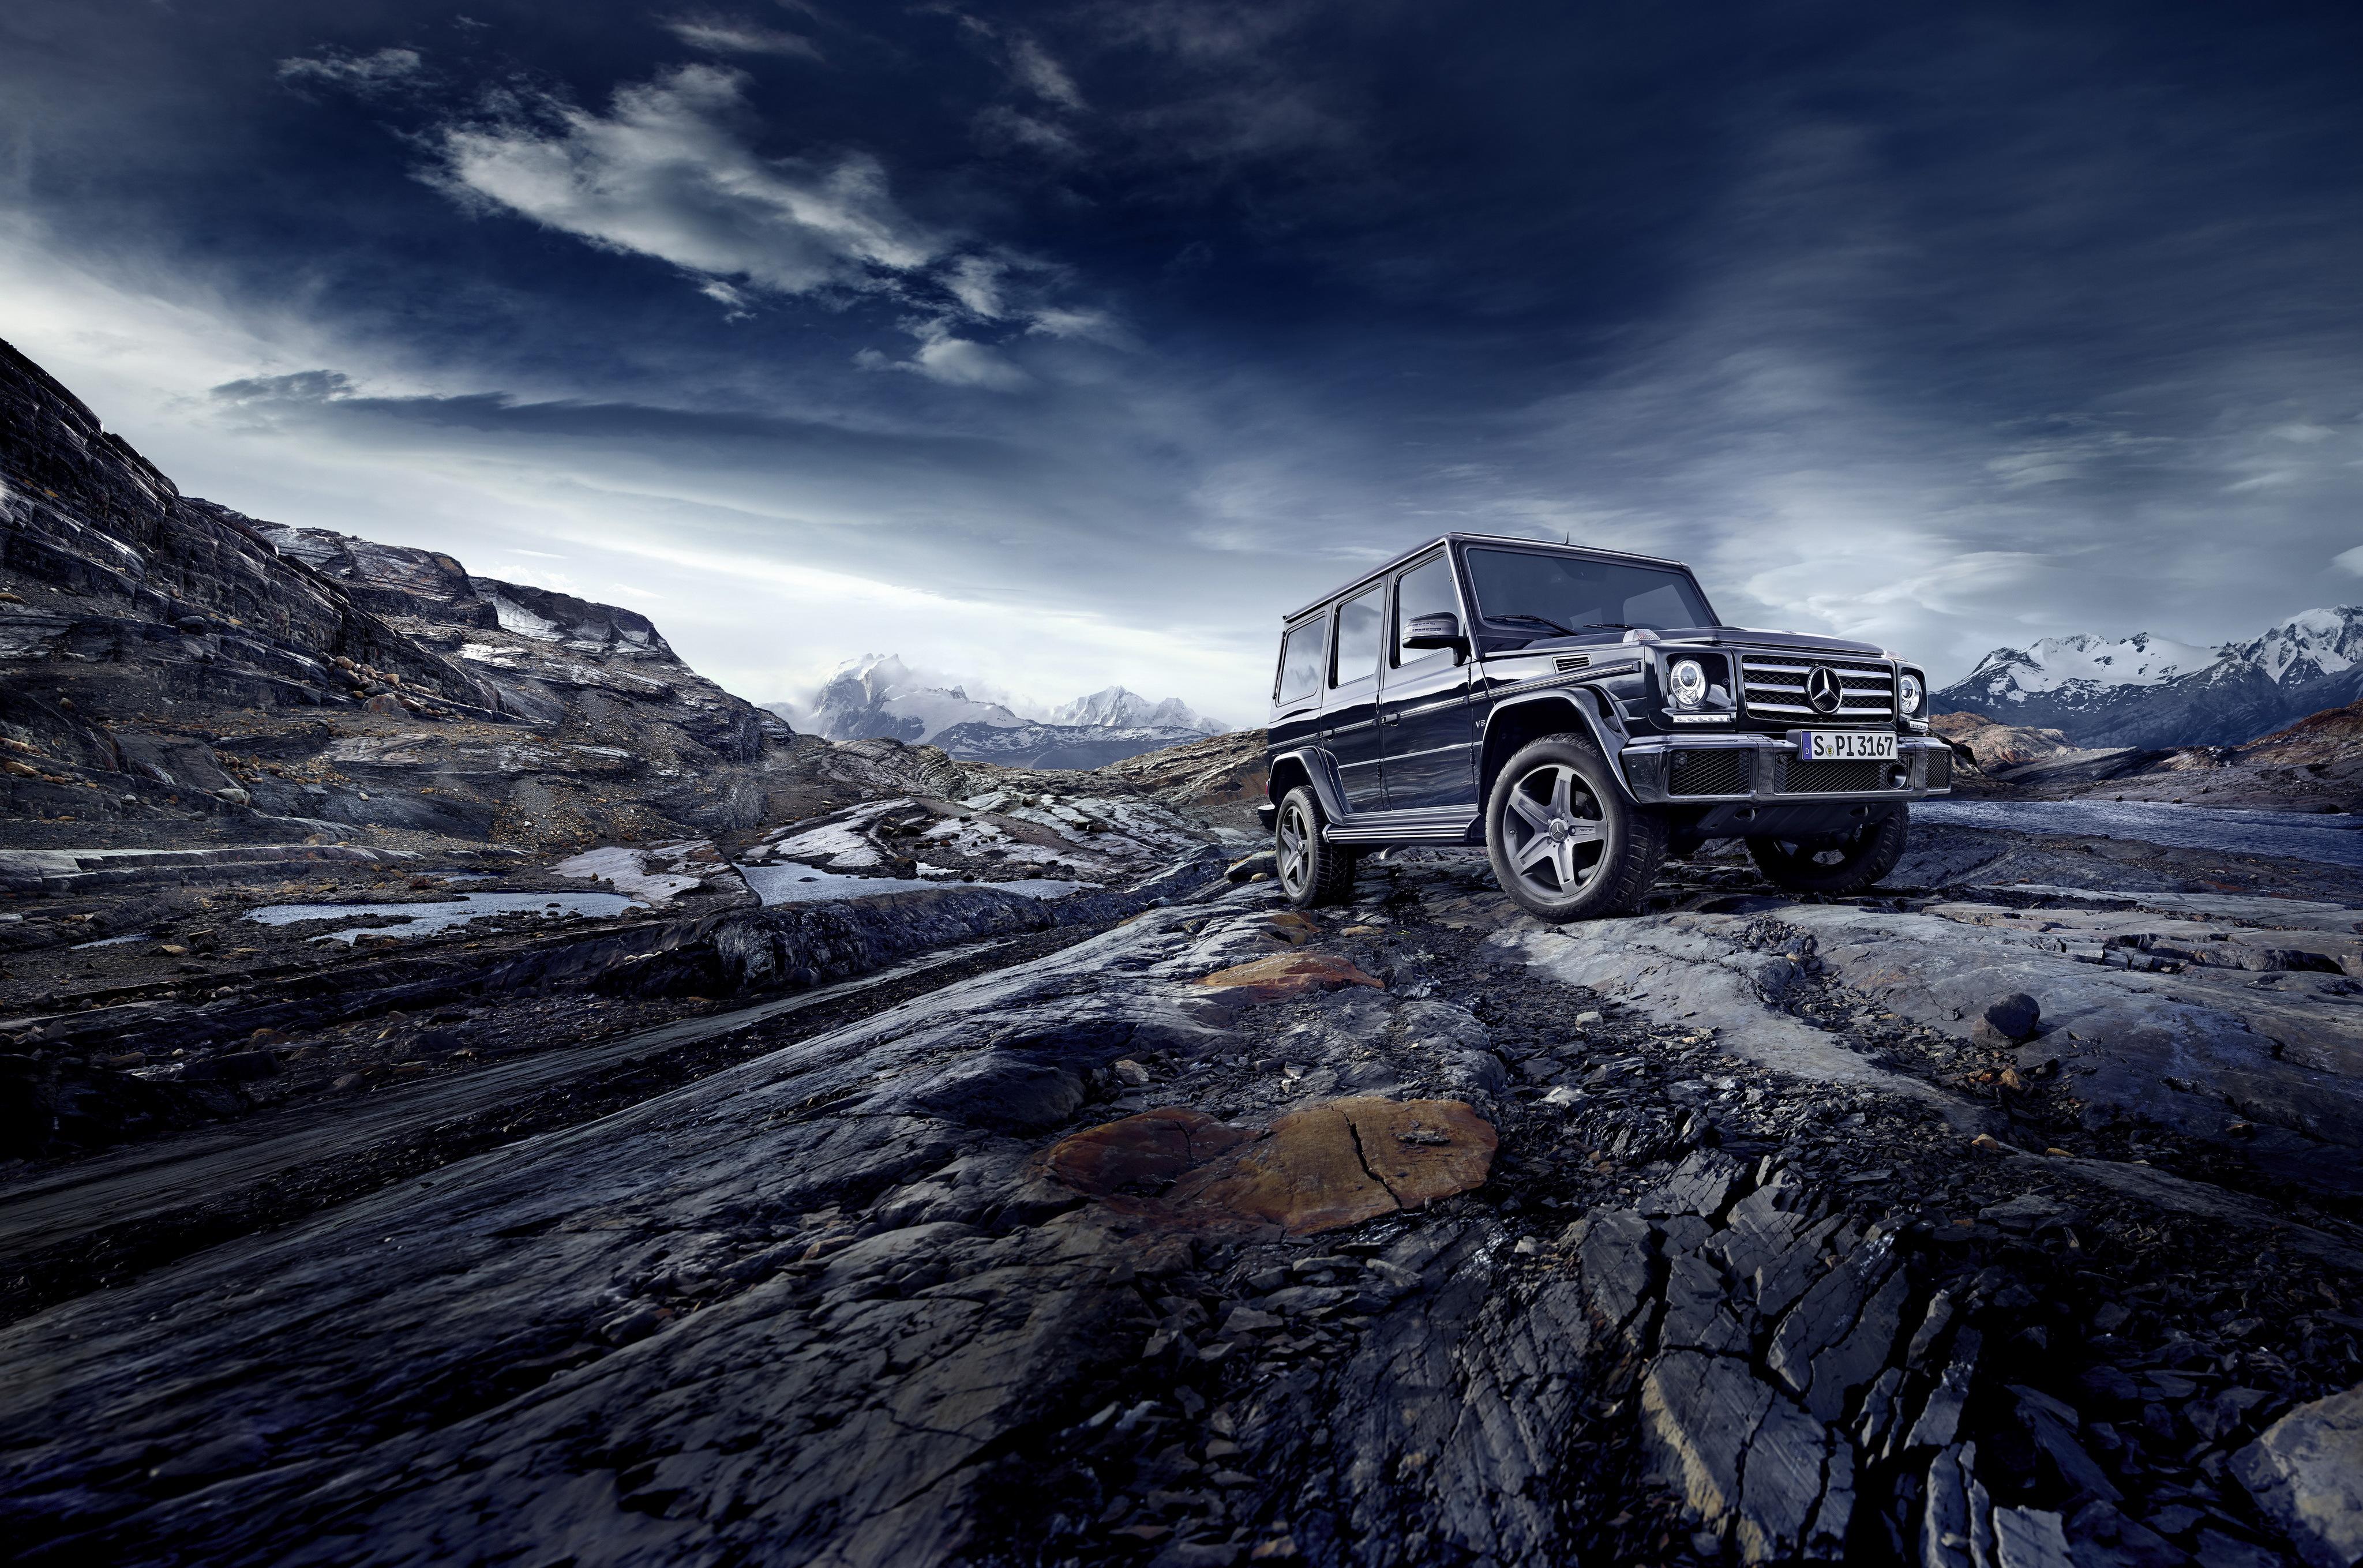 автомобиль камни горы без смс